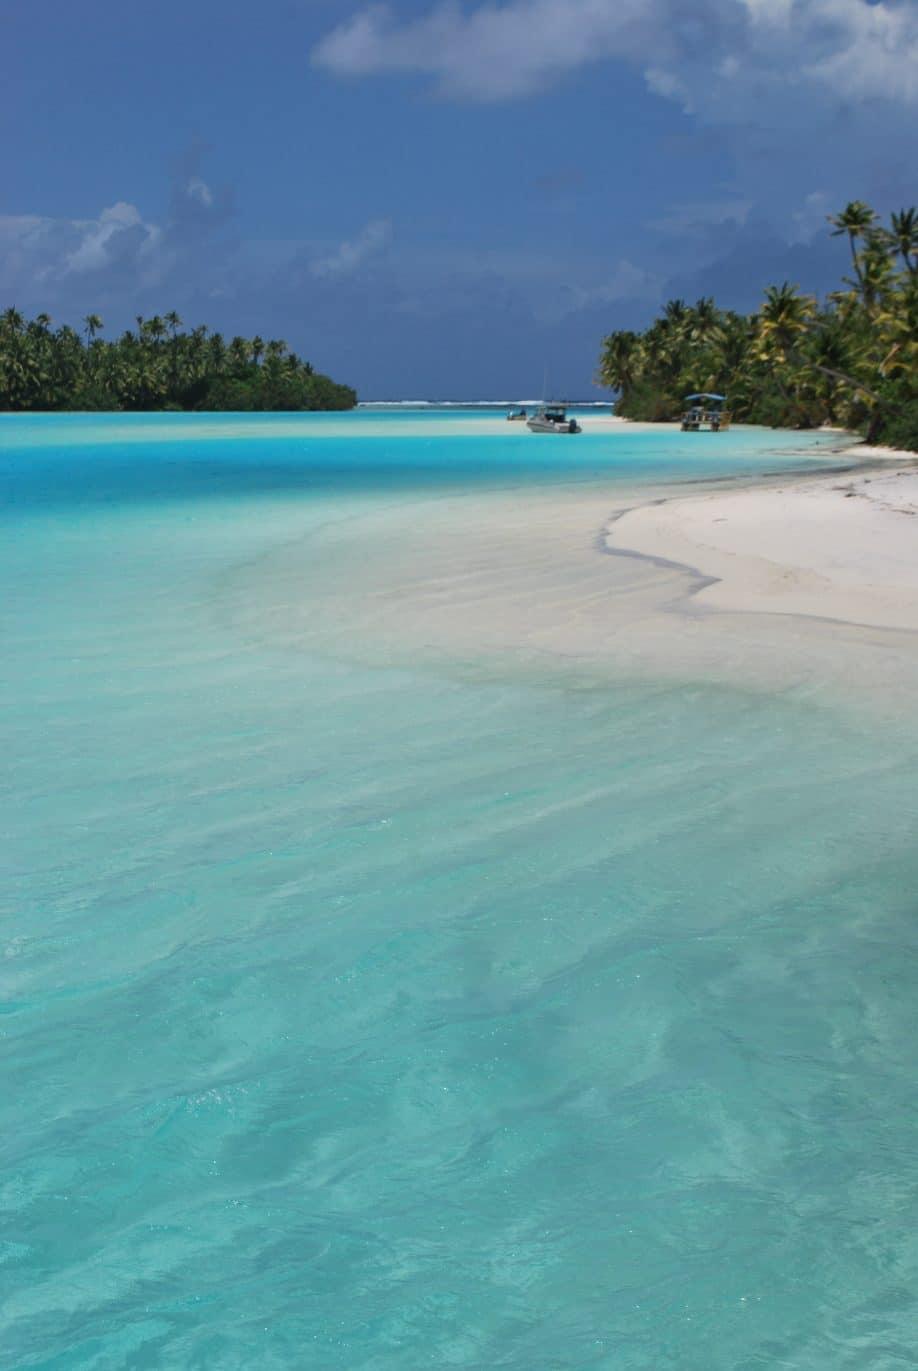 One Foot Island Aitutaki Cook Islands